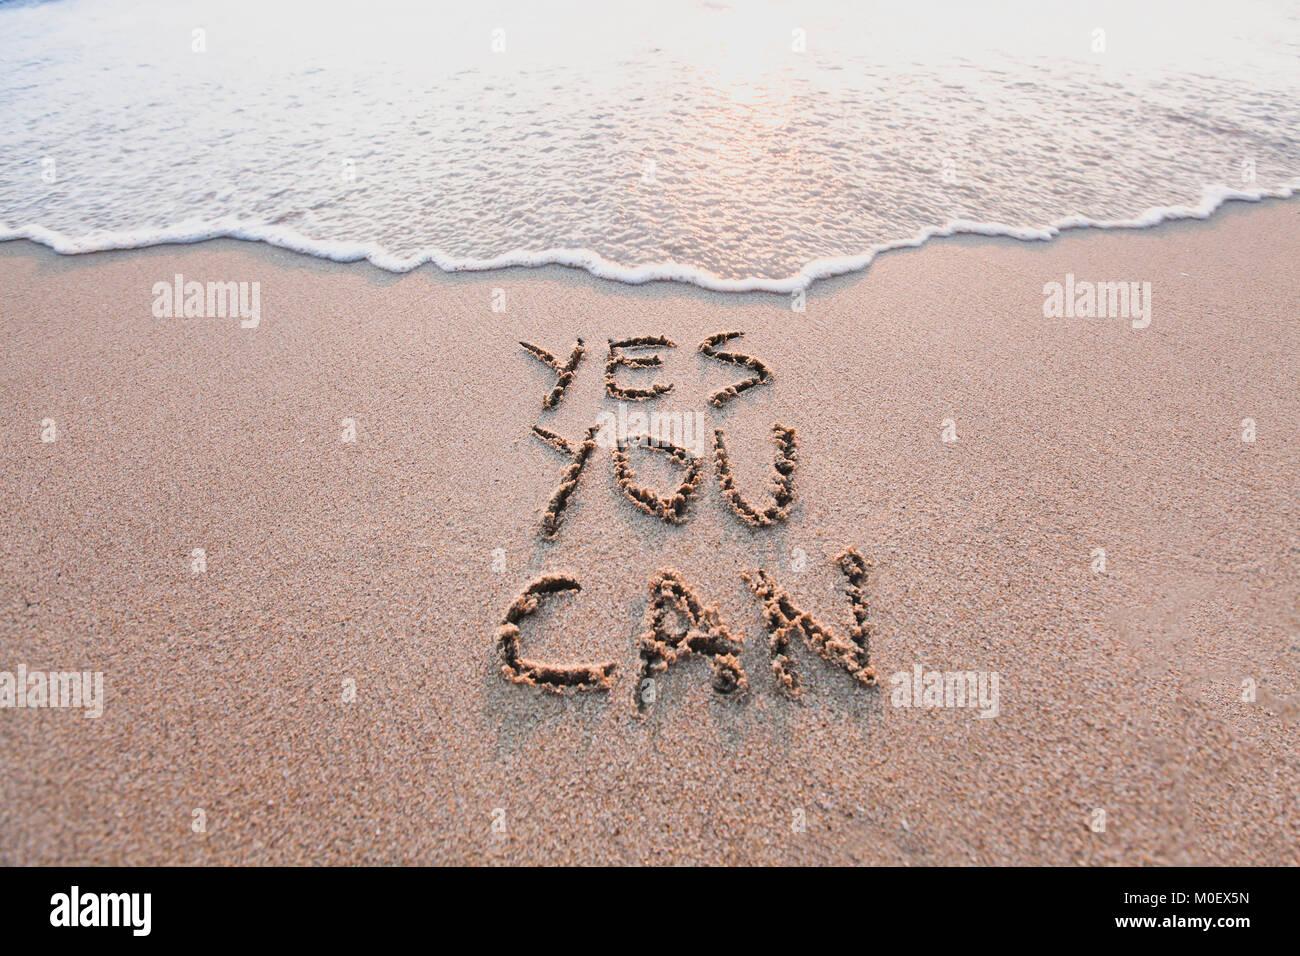 Sì è possibile, motivazionali di ispirazione il concetto di messaggio scritto sulla sabbia della spiaggia Immagini Stock